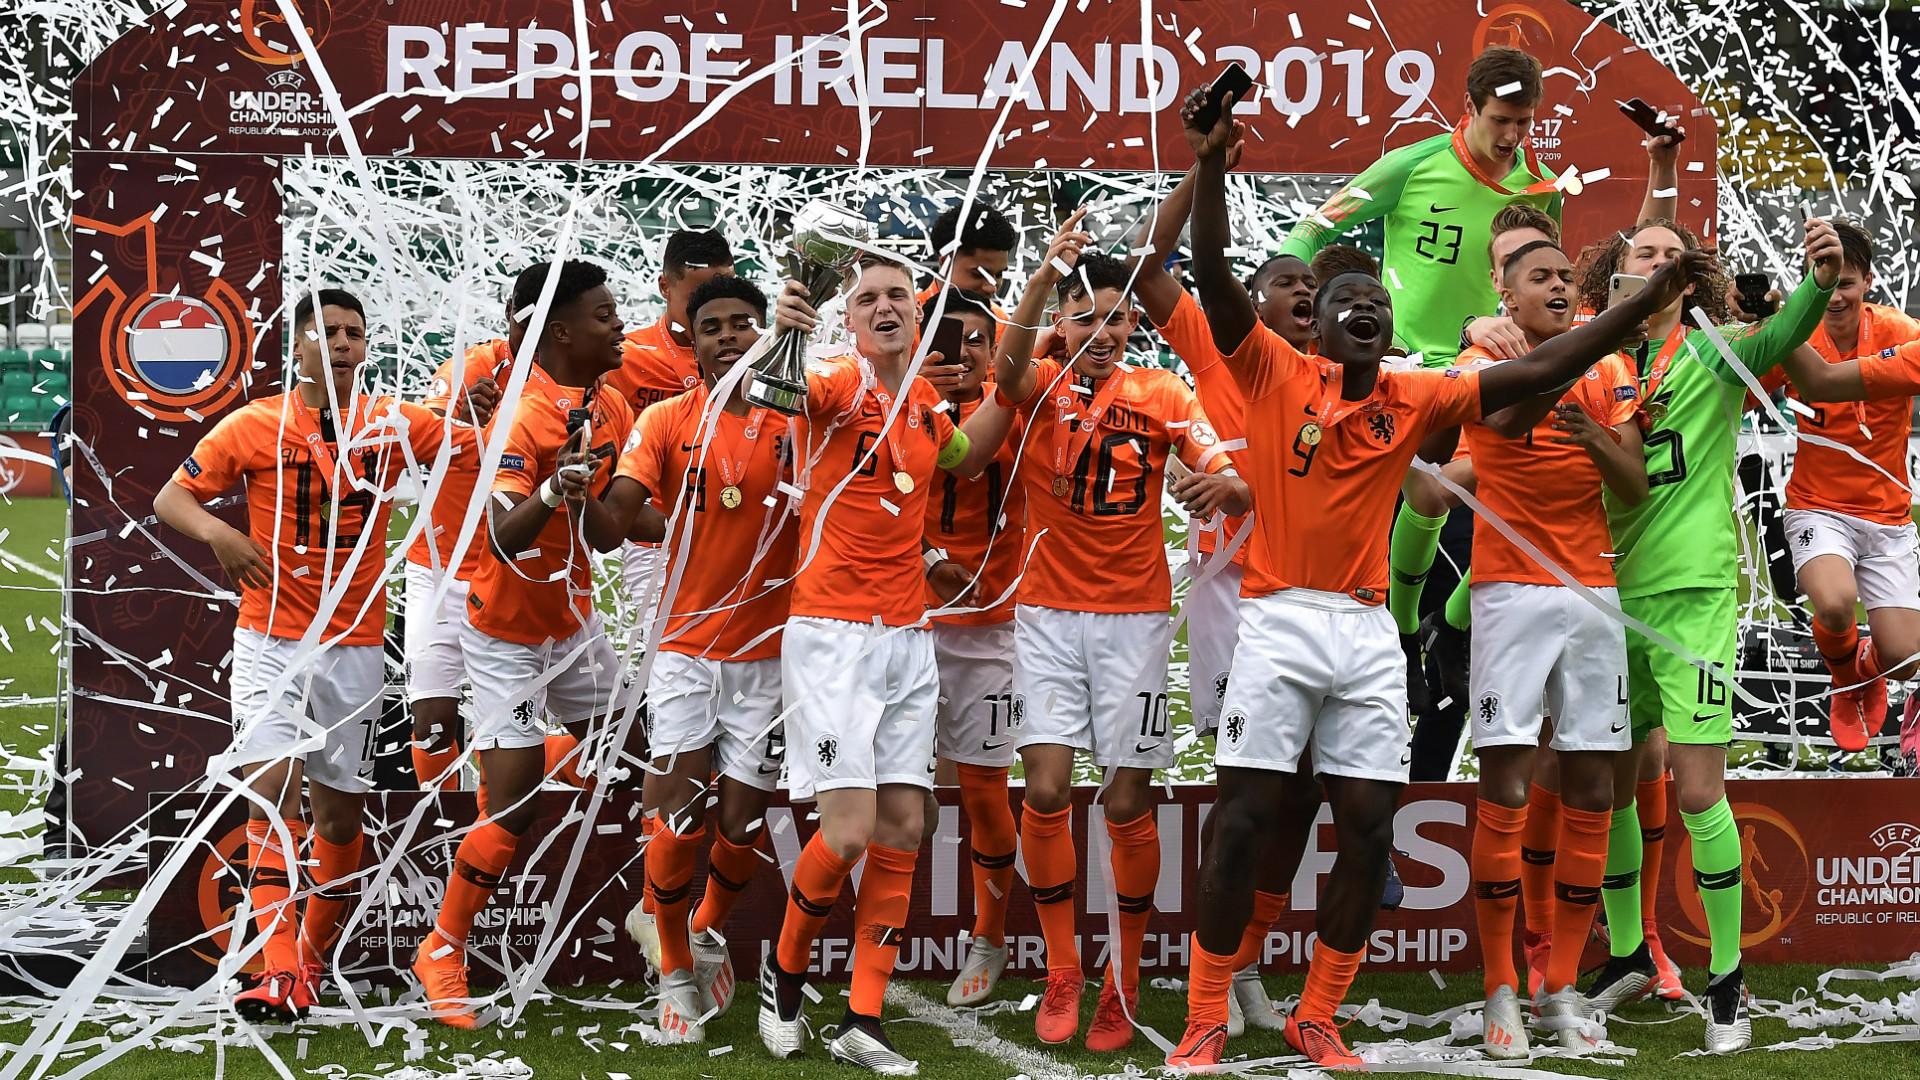 ผลการค้นหารูปภาพสำหรับ เนเธอร์แลนด์คว่ำอิตาลี 4-2 คว้าแชมป์ยุโรปU17